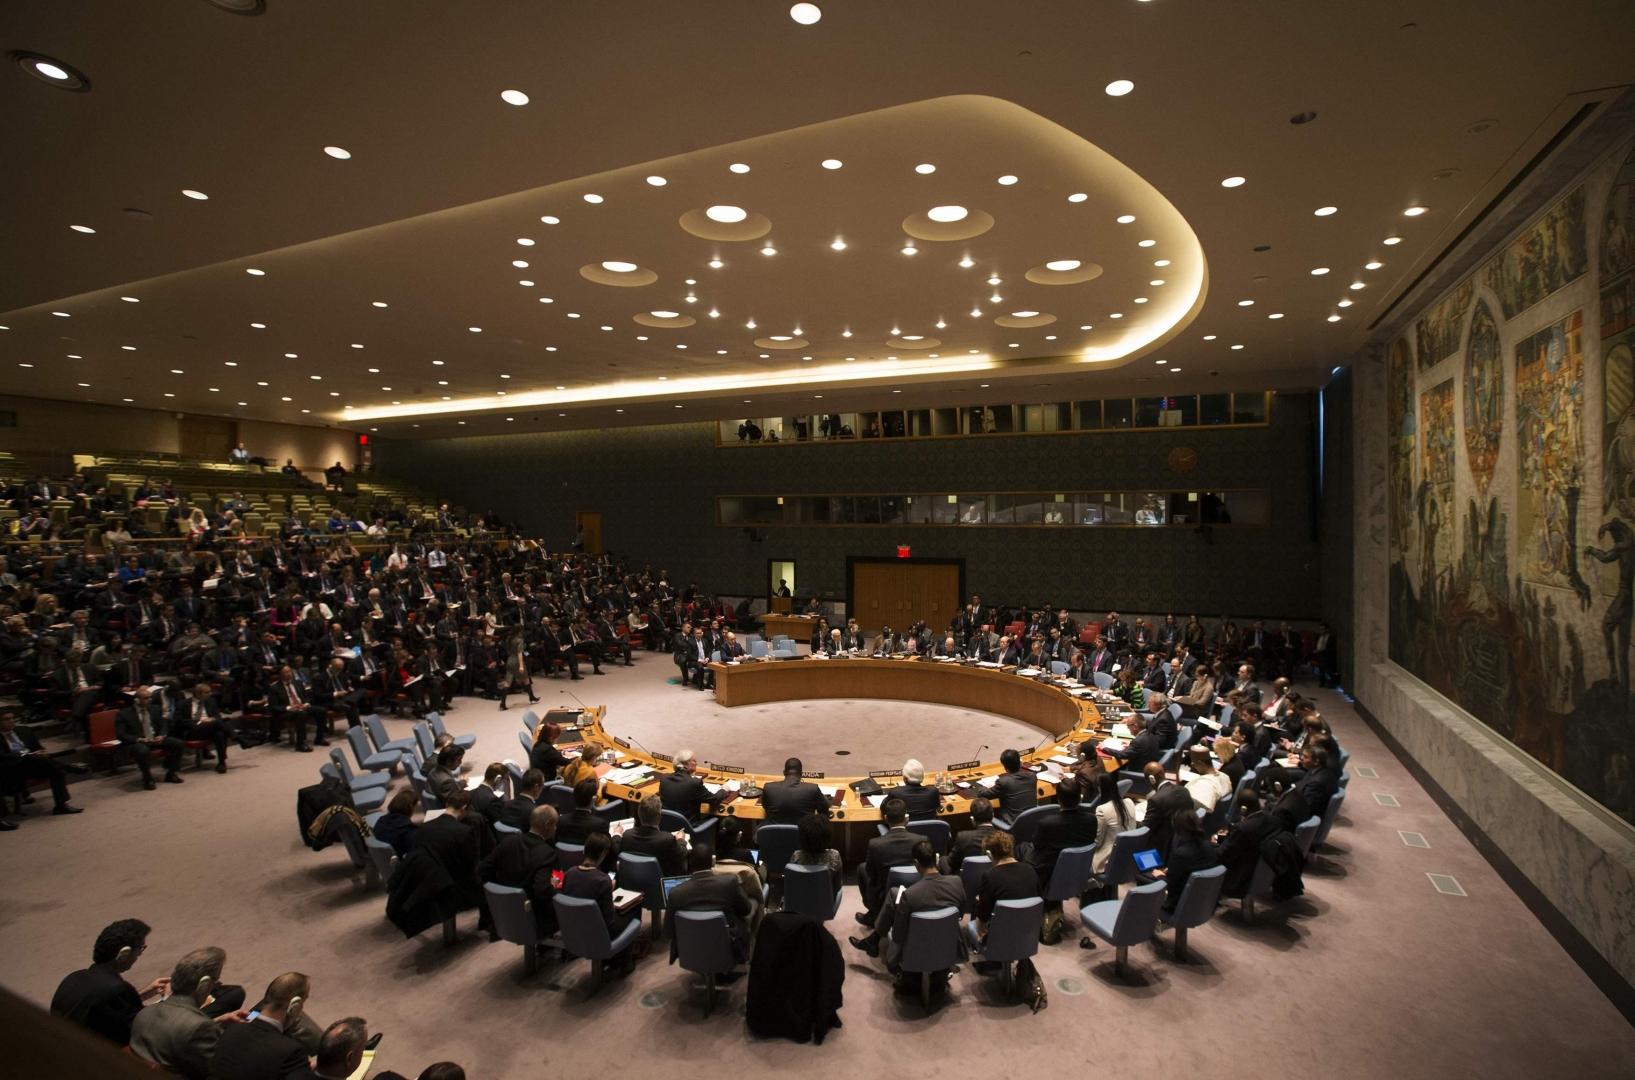 Затрудняют борьбу с инфекцией: несколько стран обратились к ООН с просьбой приостановить санкции